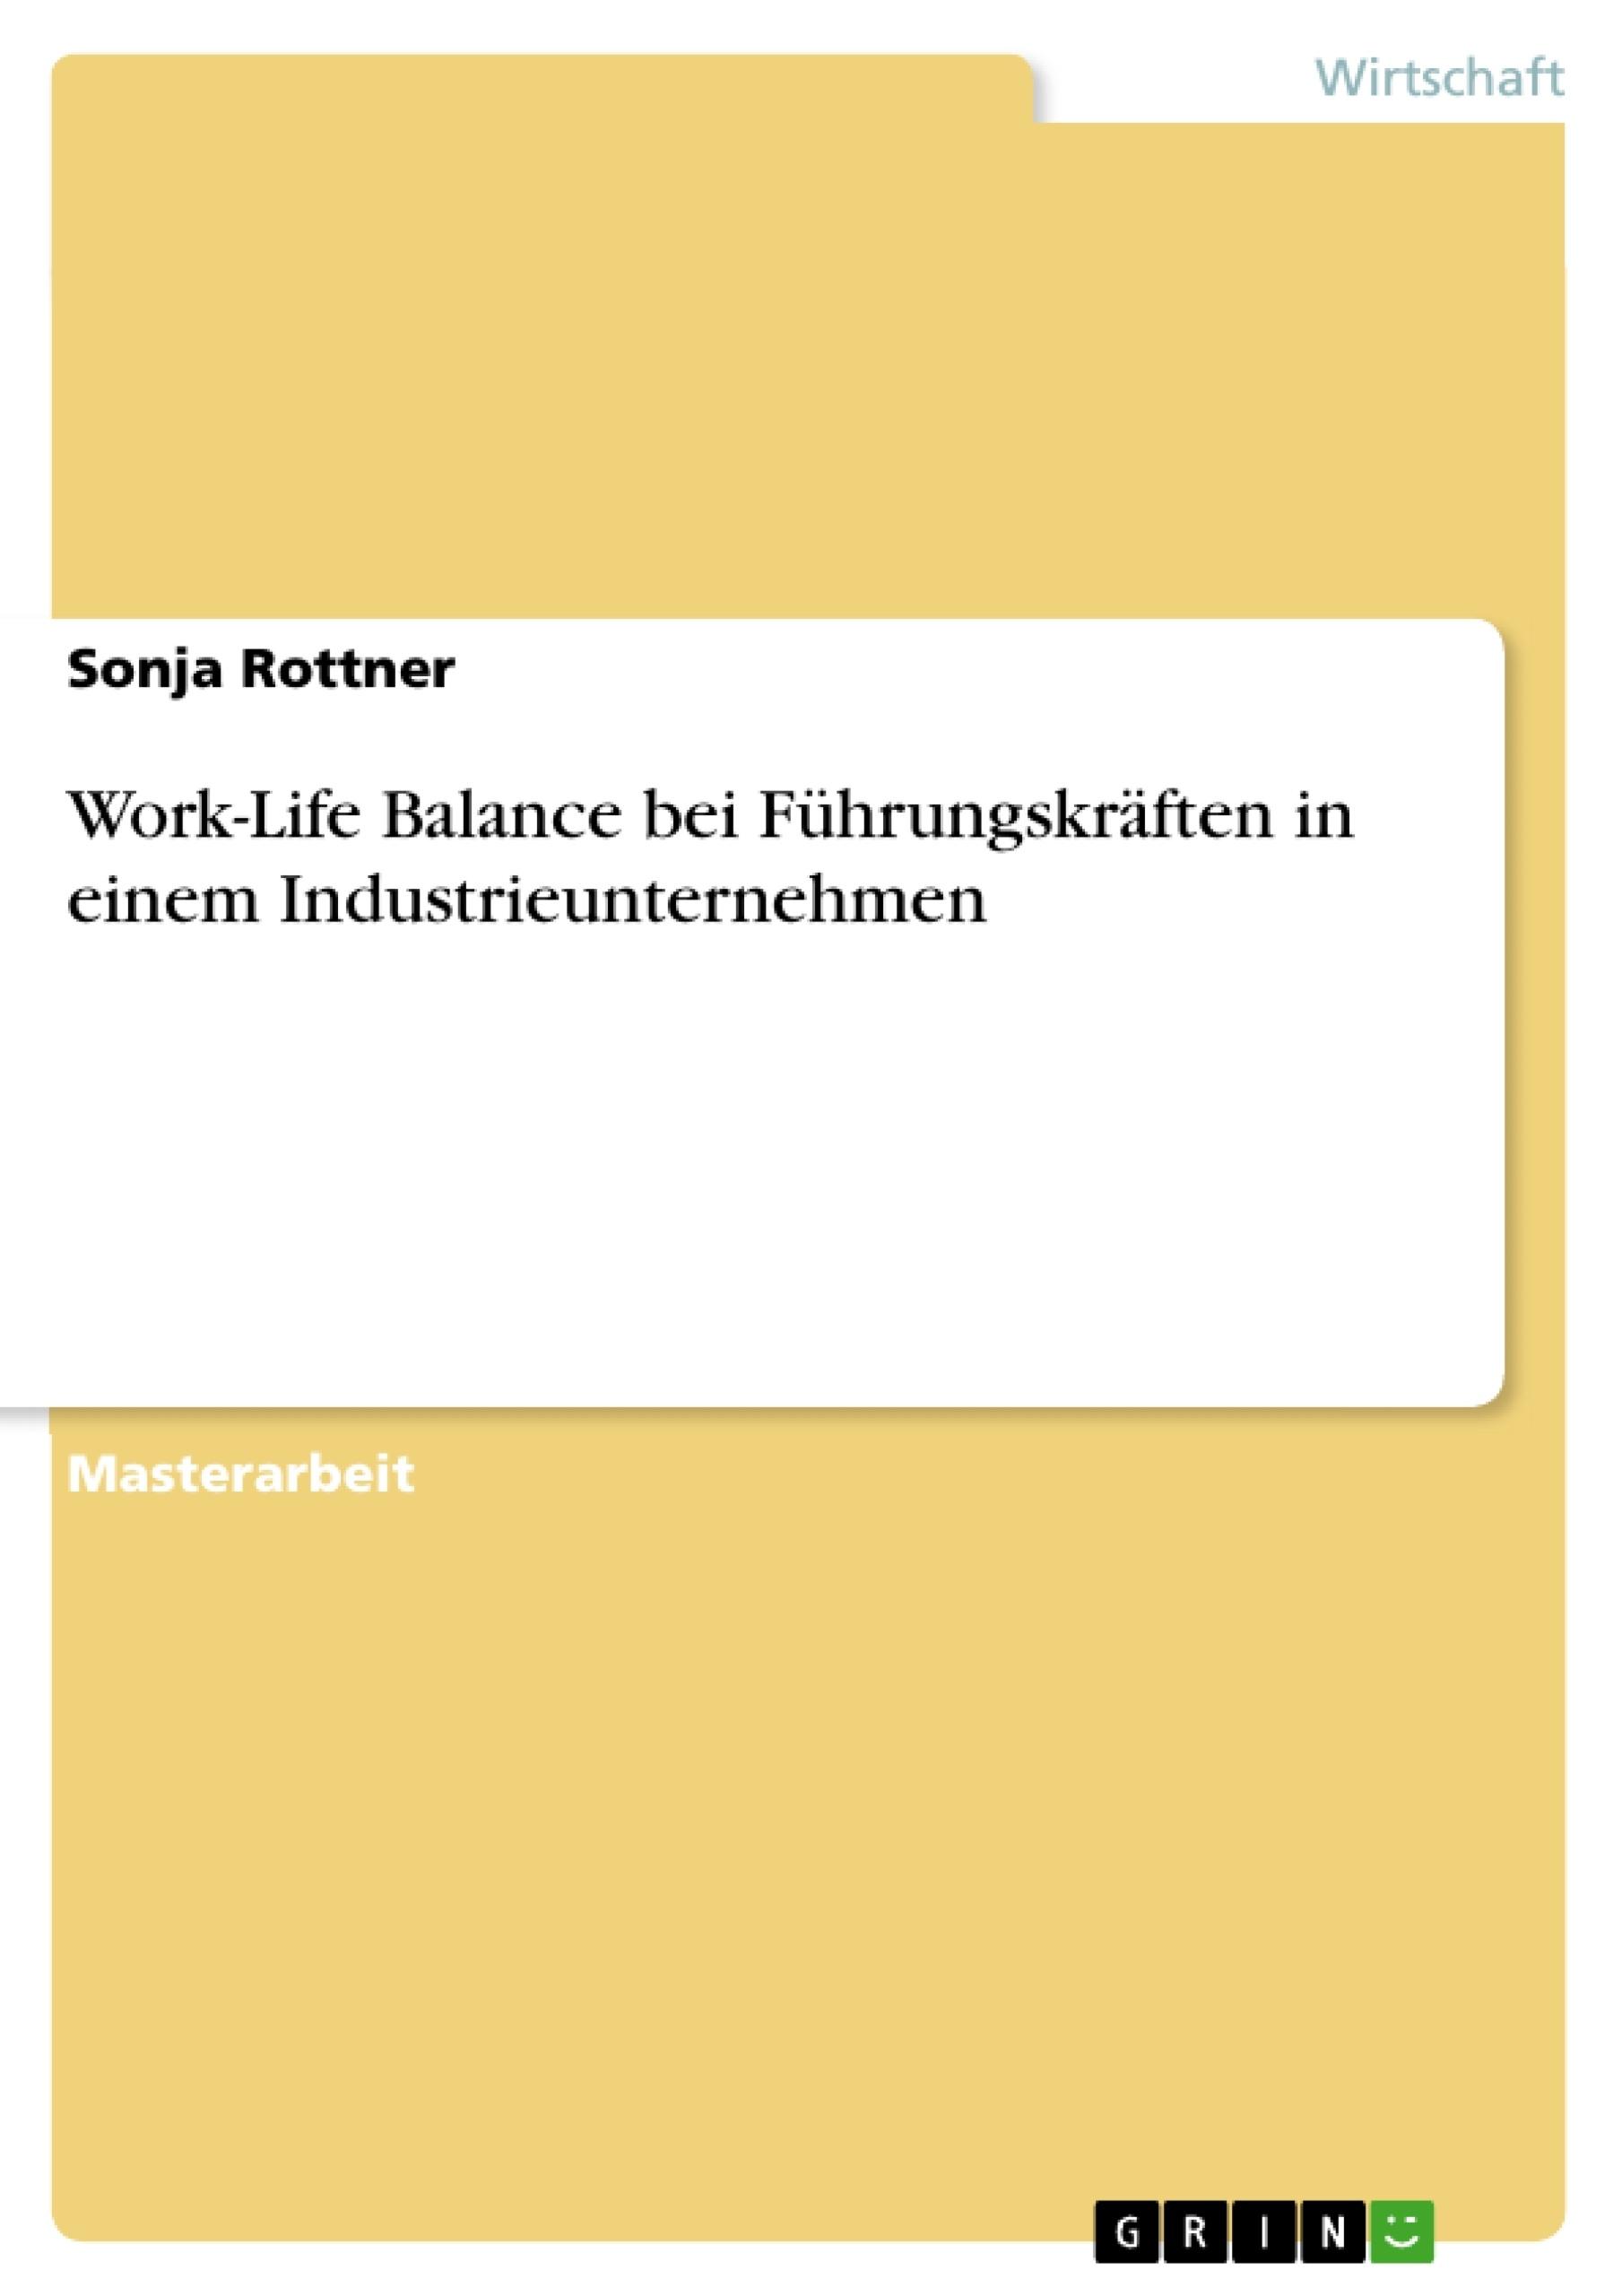 Fein Hypothekenprozessor Wiederaufnahme Proben Fotos - Beispiel ...